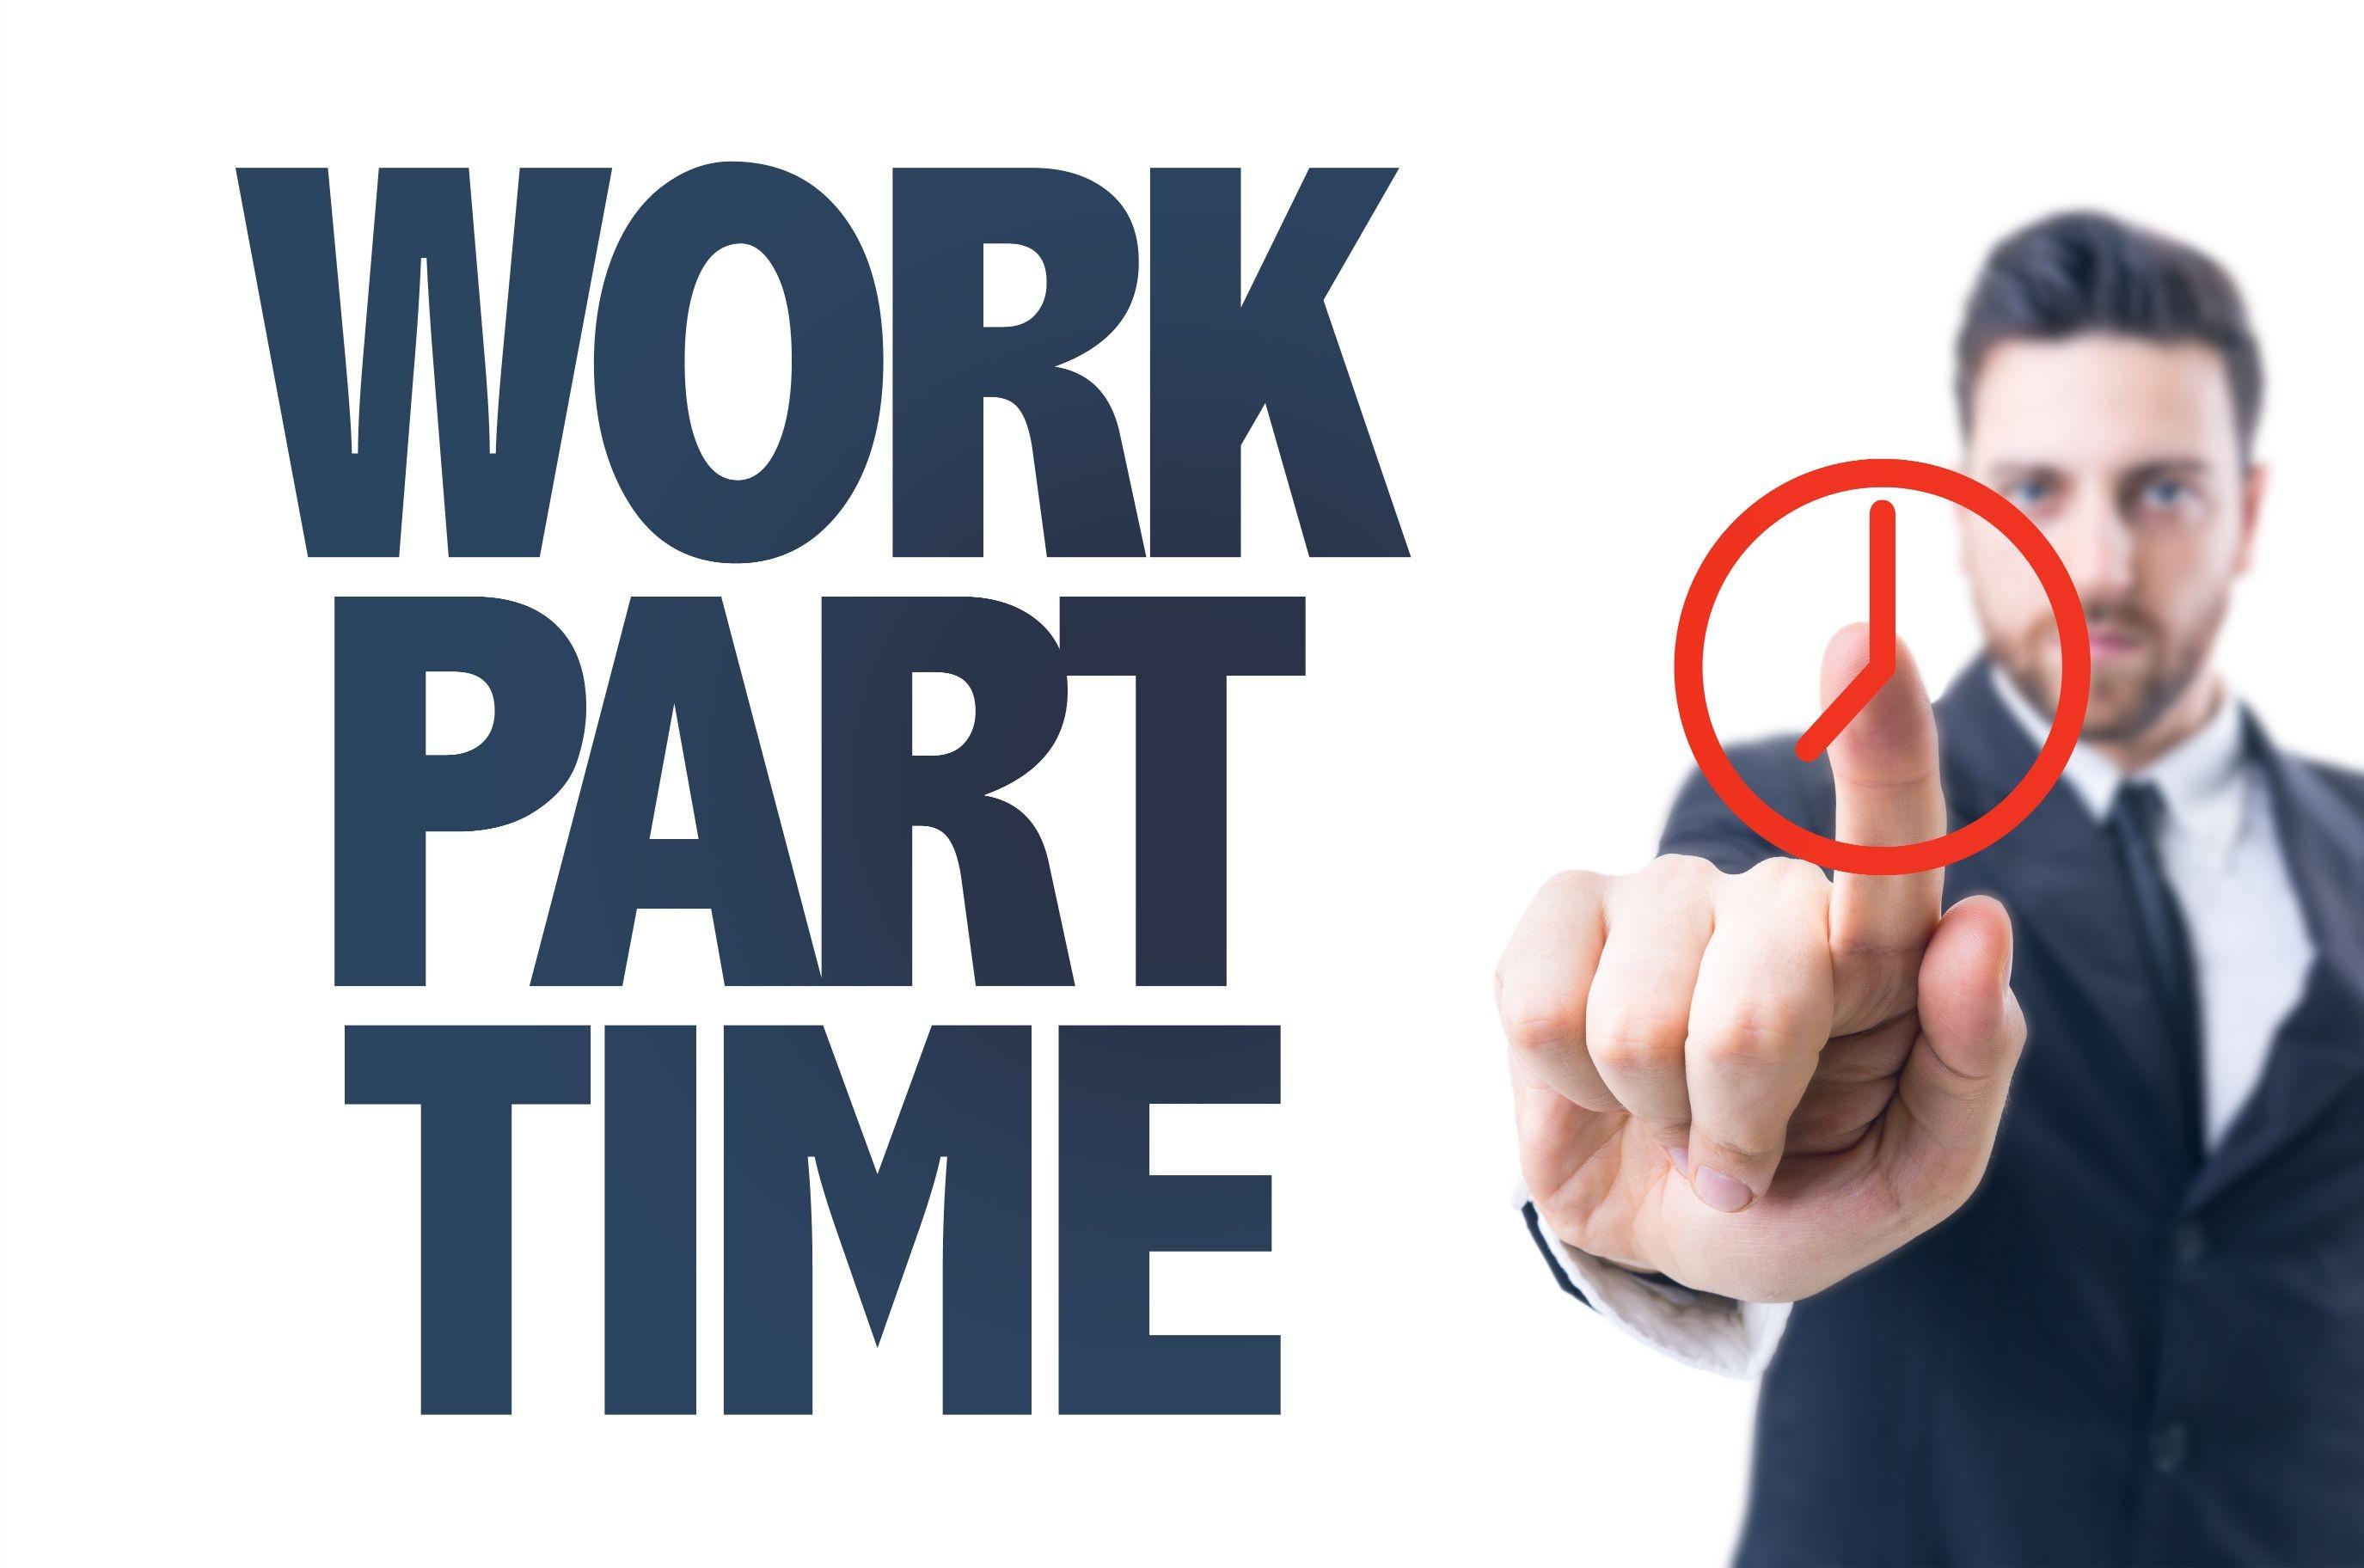 Cân nhắc làm việc bán thời gian trước khi quyết định giao dịch toàn thời gian